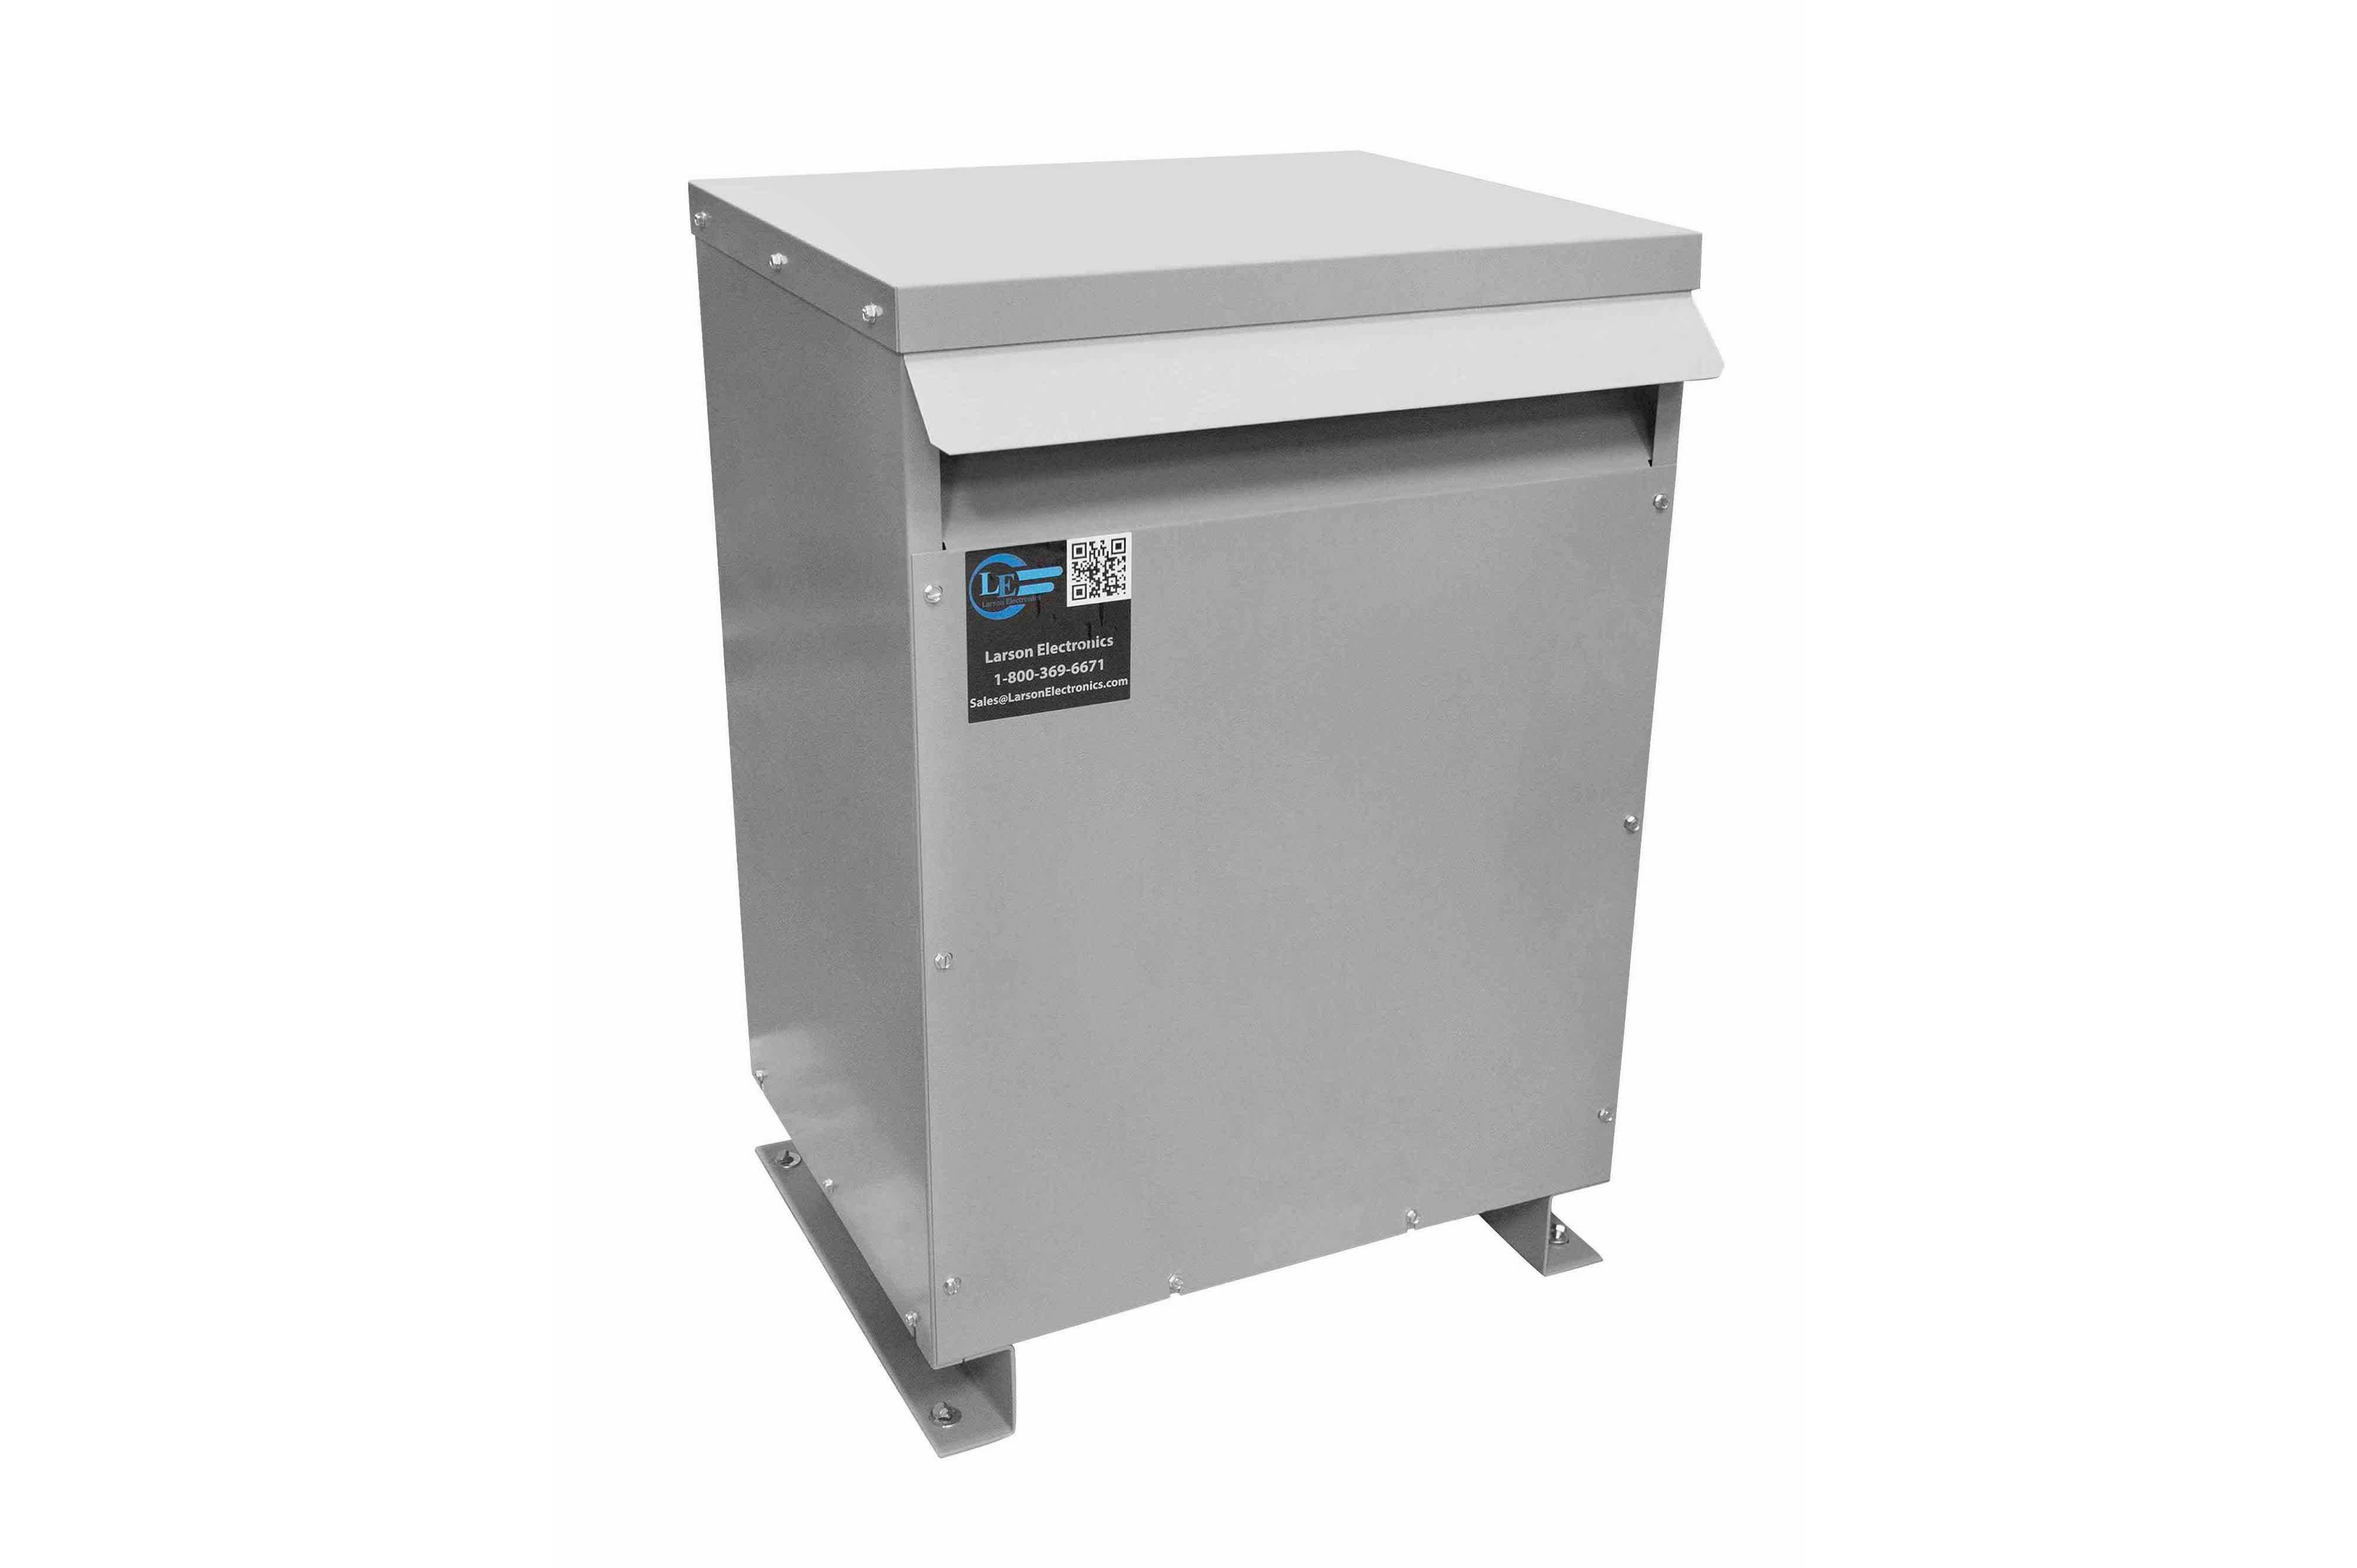 80 kVA 3PH DOE Transformer, 415V Delta Primary, 240V/120 Delta Secondary, N3R, Ventilated, 60 Hz